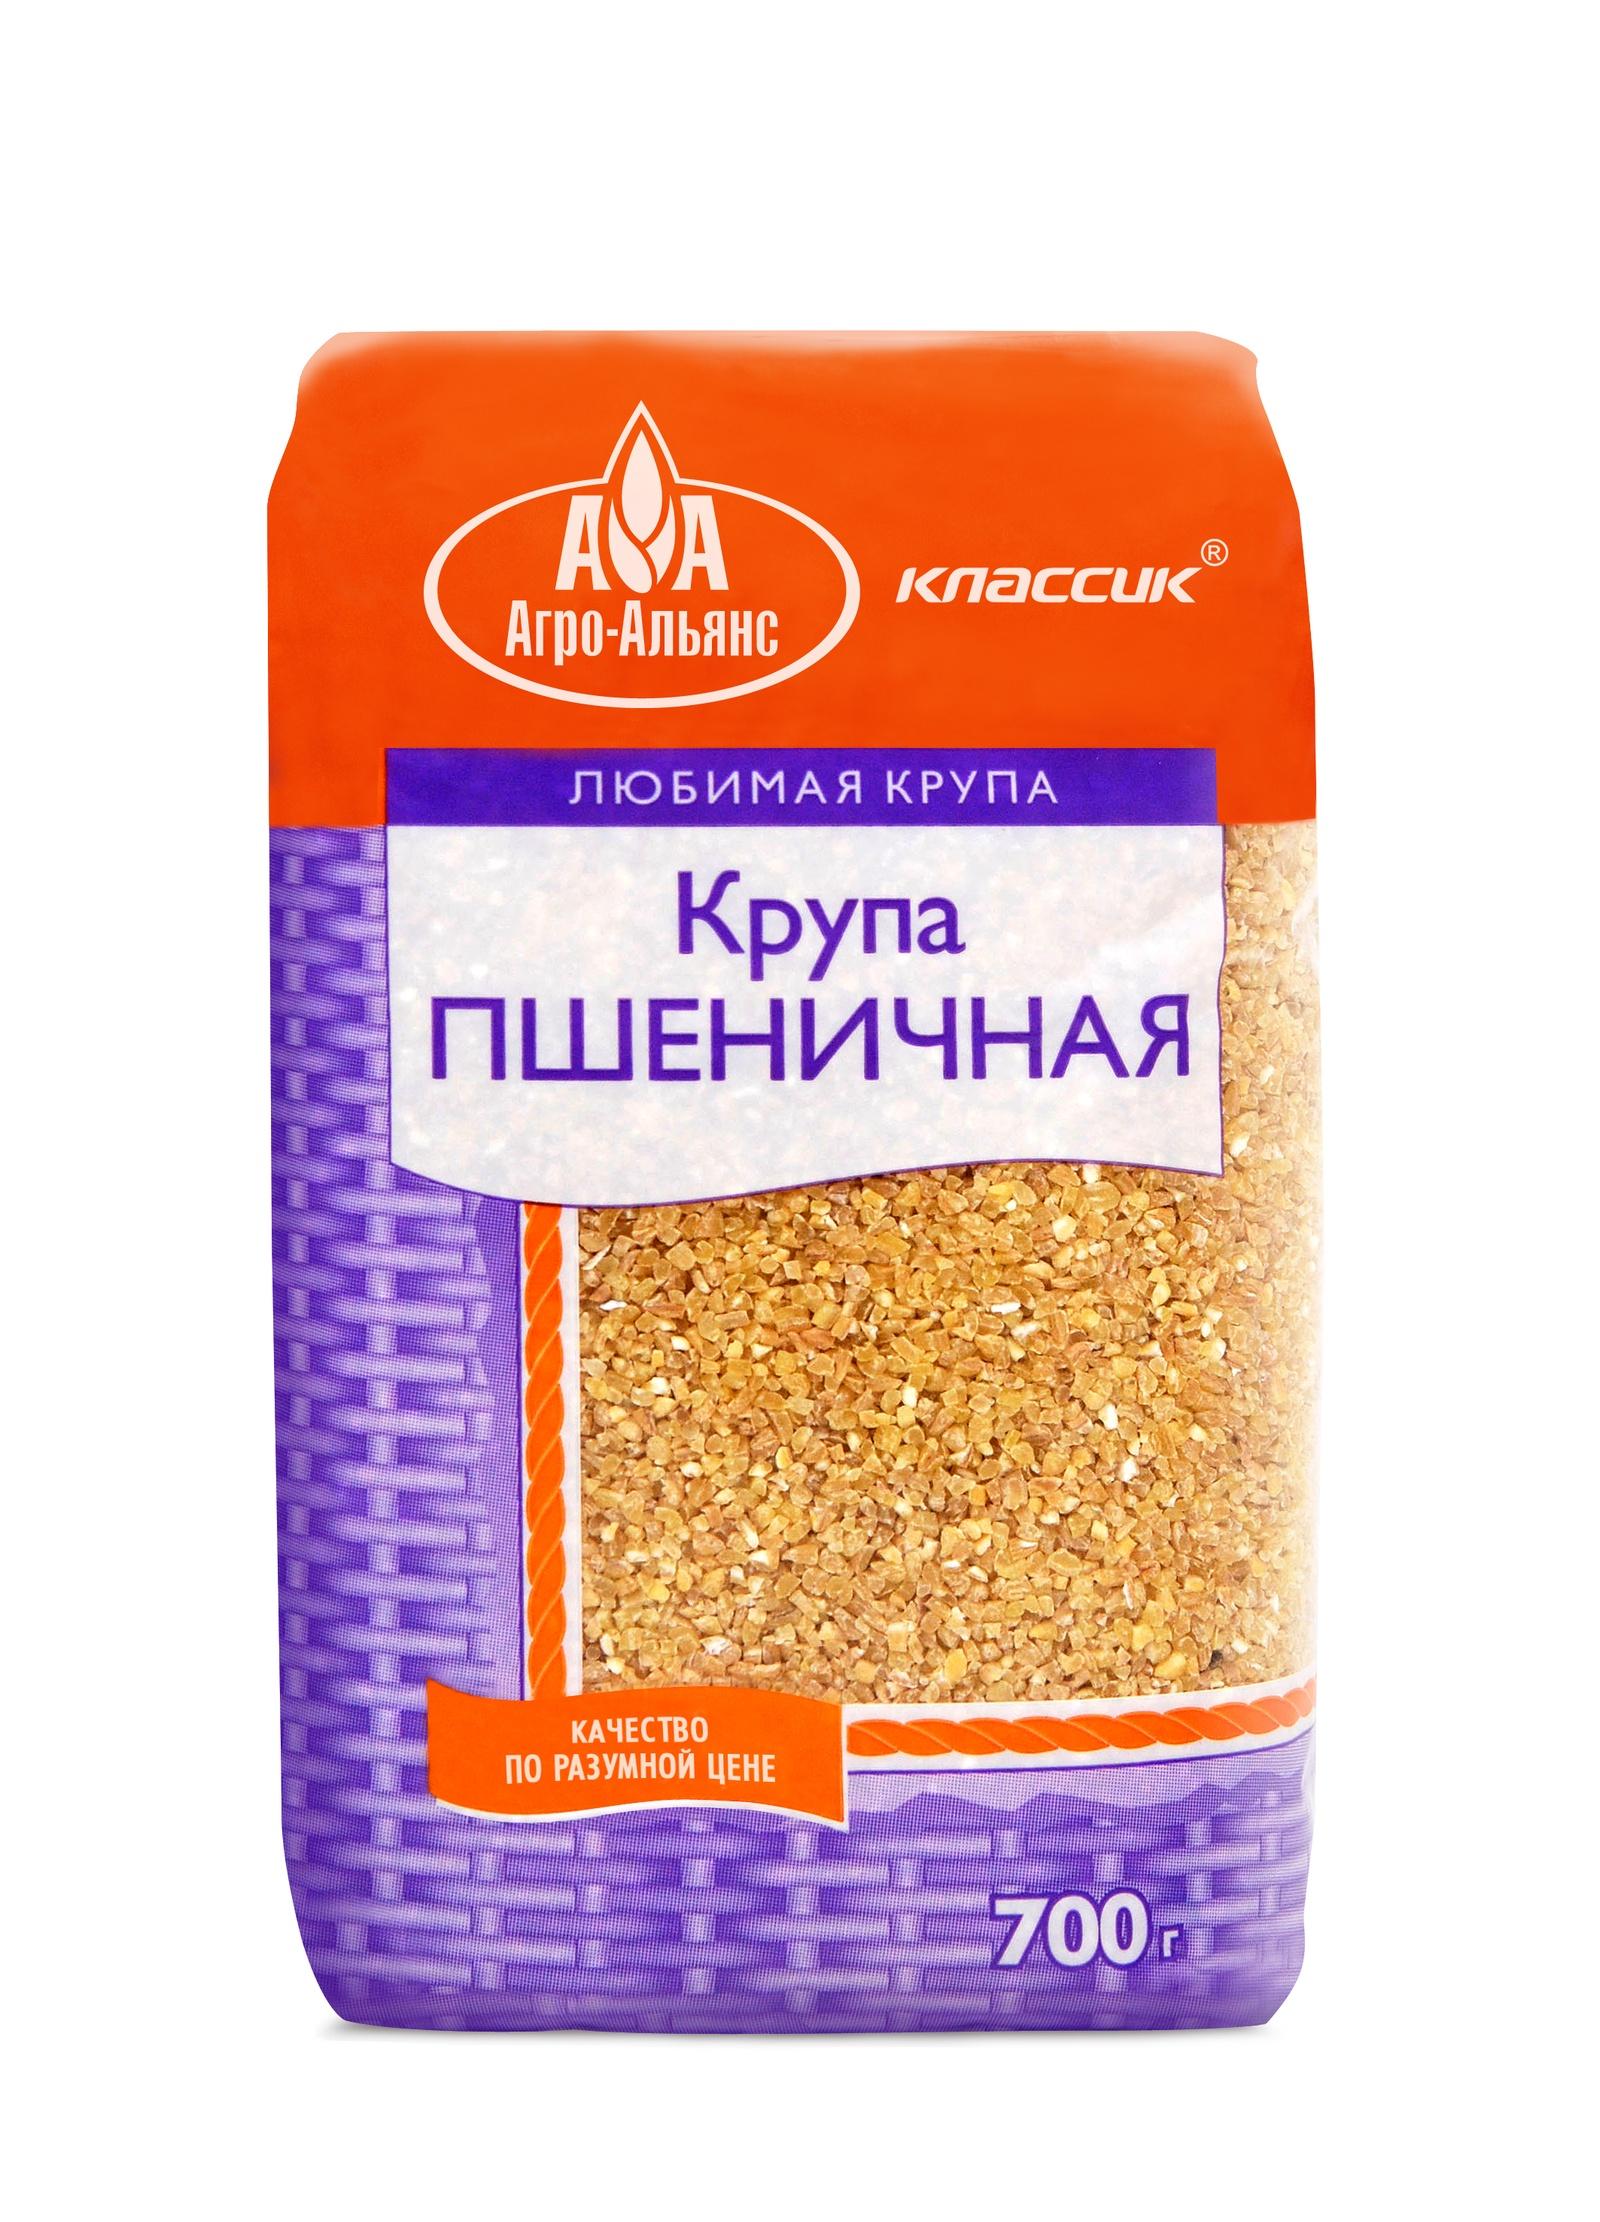 Пшеничная крупа Агро-Альянс 00000000376, 700 Агро-Альянс